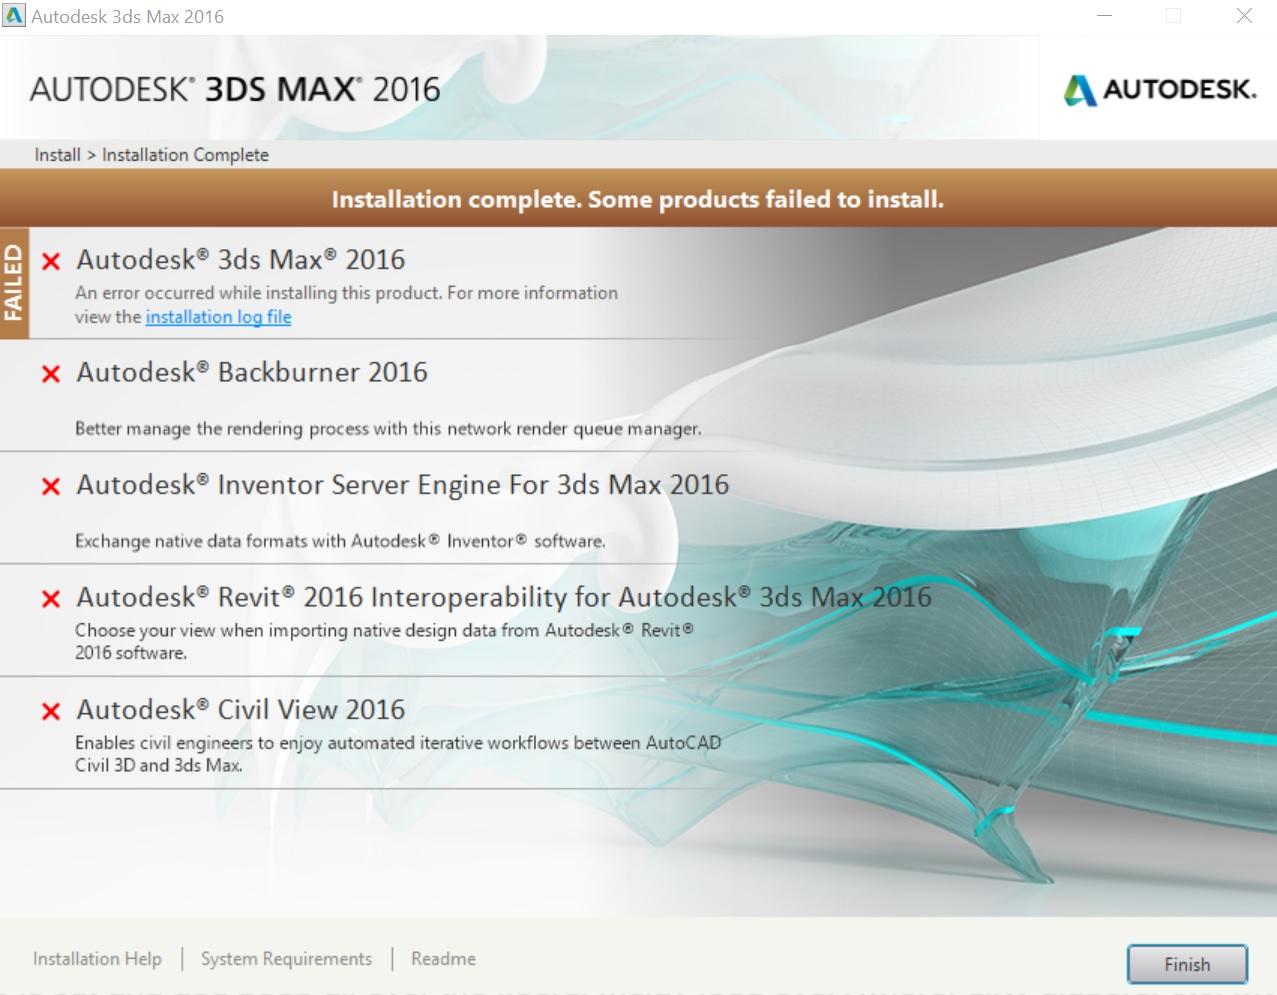 autodesk 3ds max keygen 2016